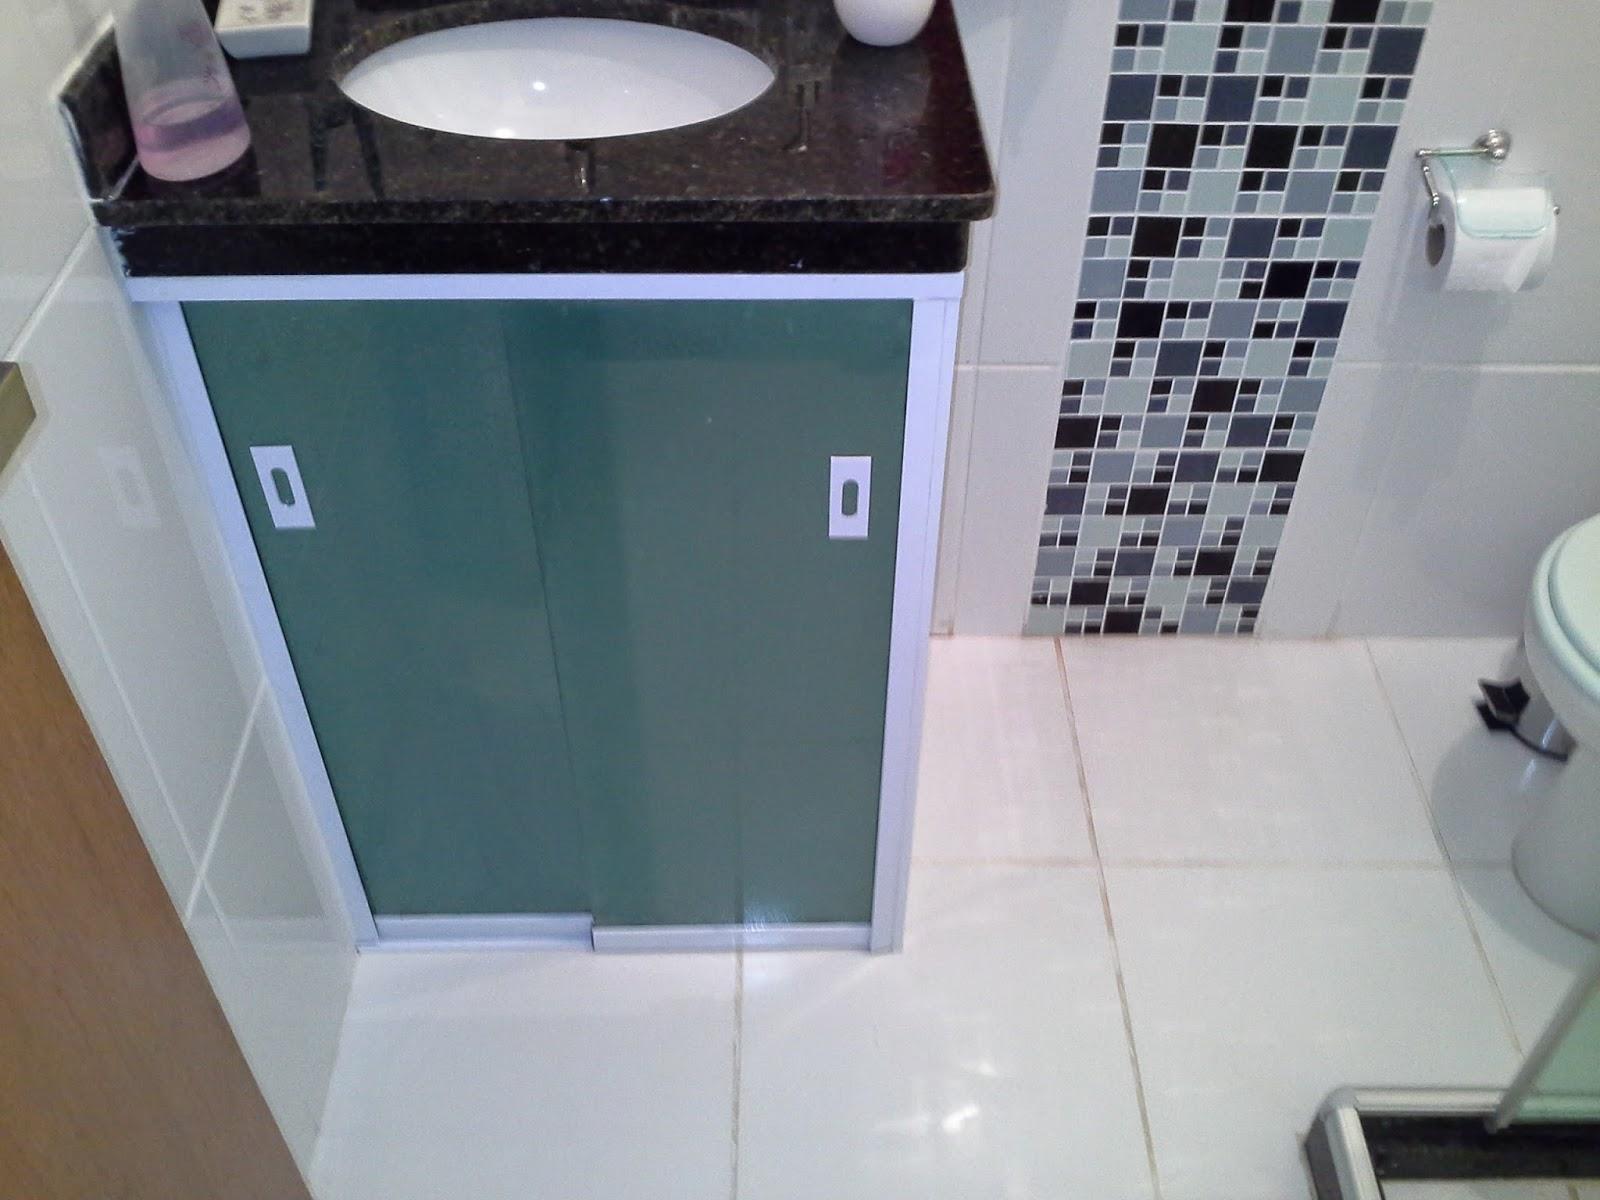 AF4 TEMPER VIDROS Pias de banheiro em vidro verde fumé jateadas -> Pia De Banheiro De Vidro Fume